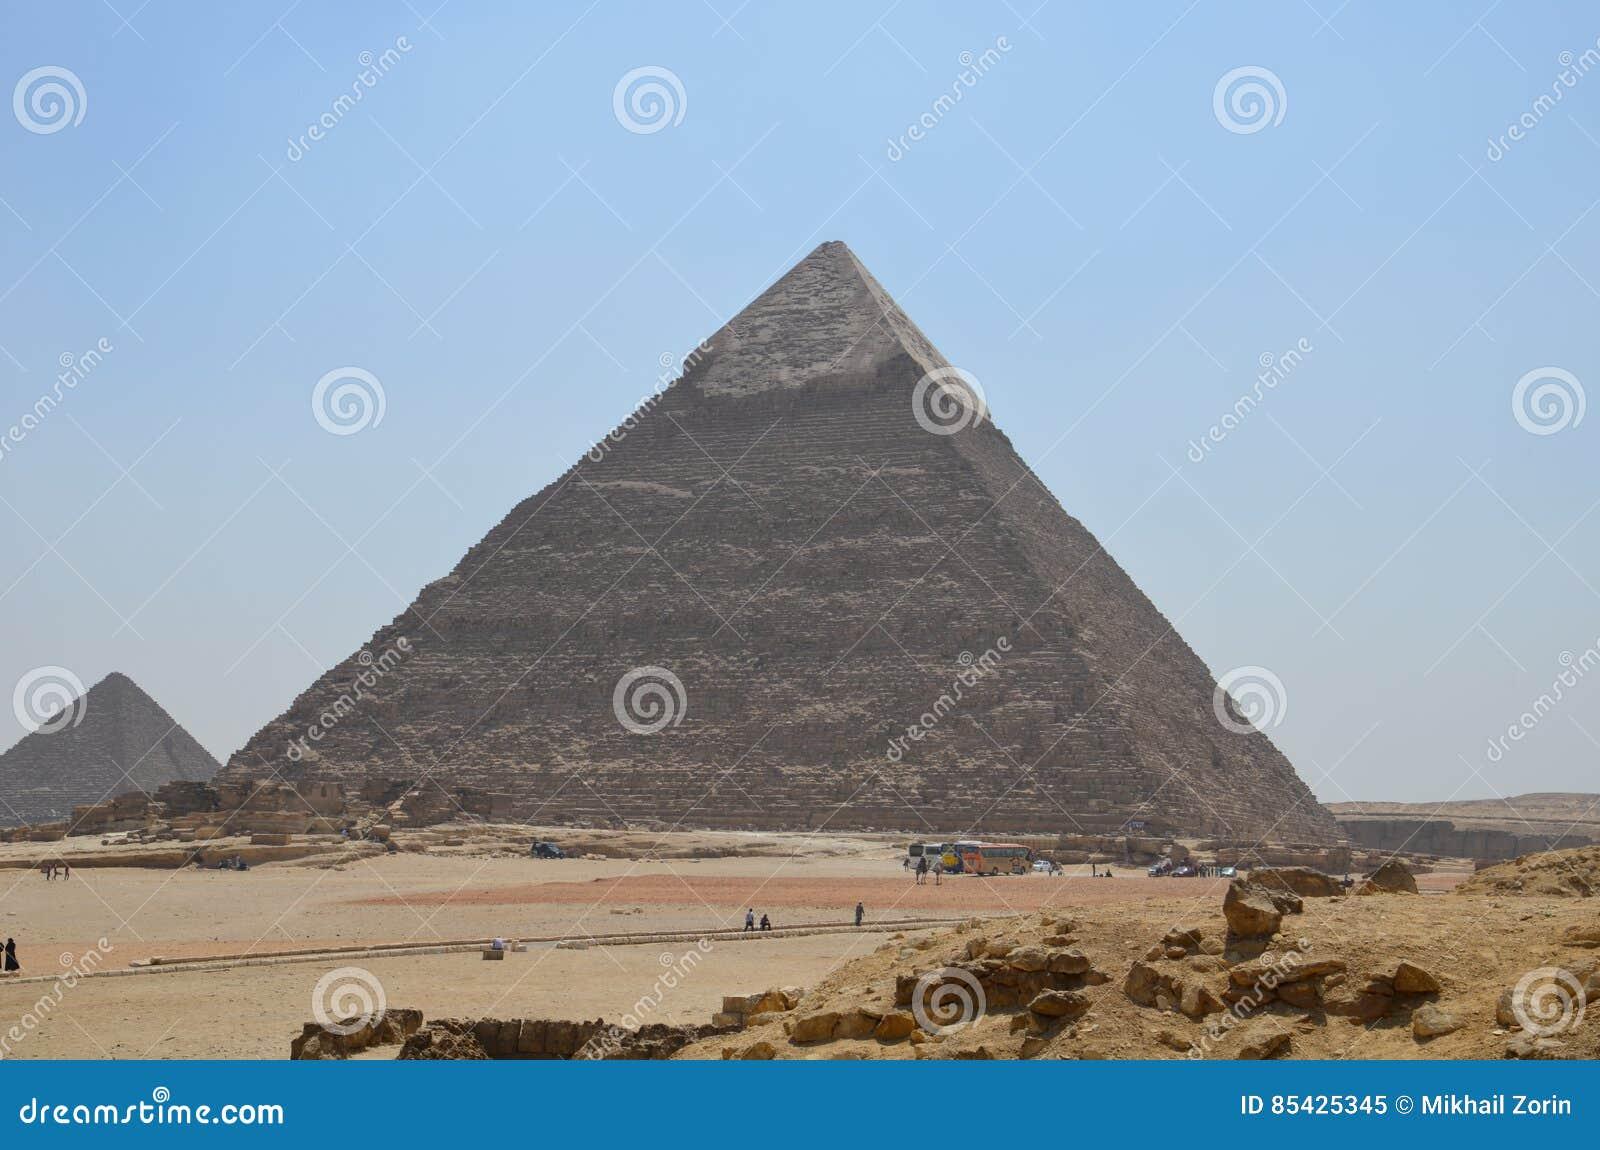 Pyramide im Sandstaub unter grauen Wolken